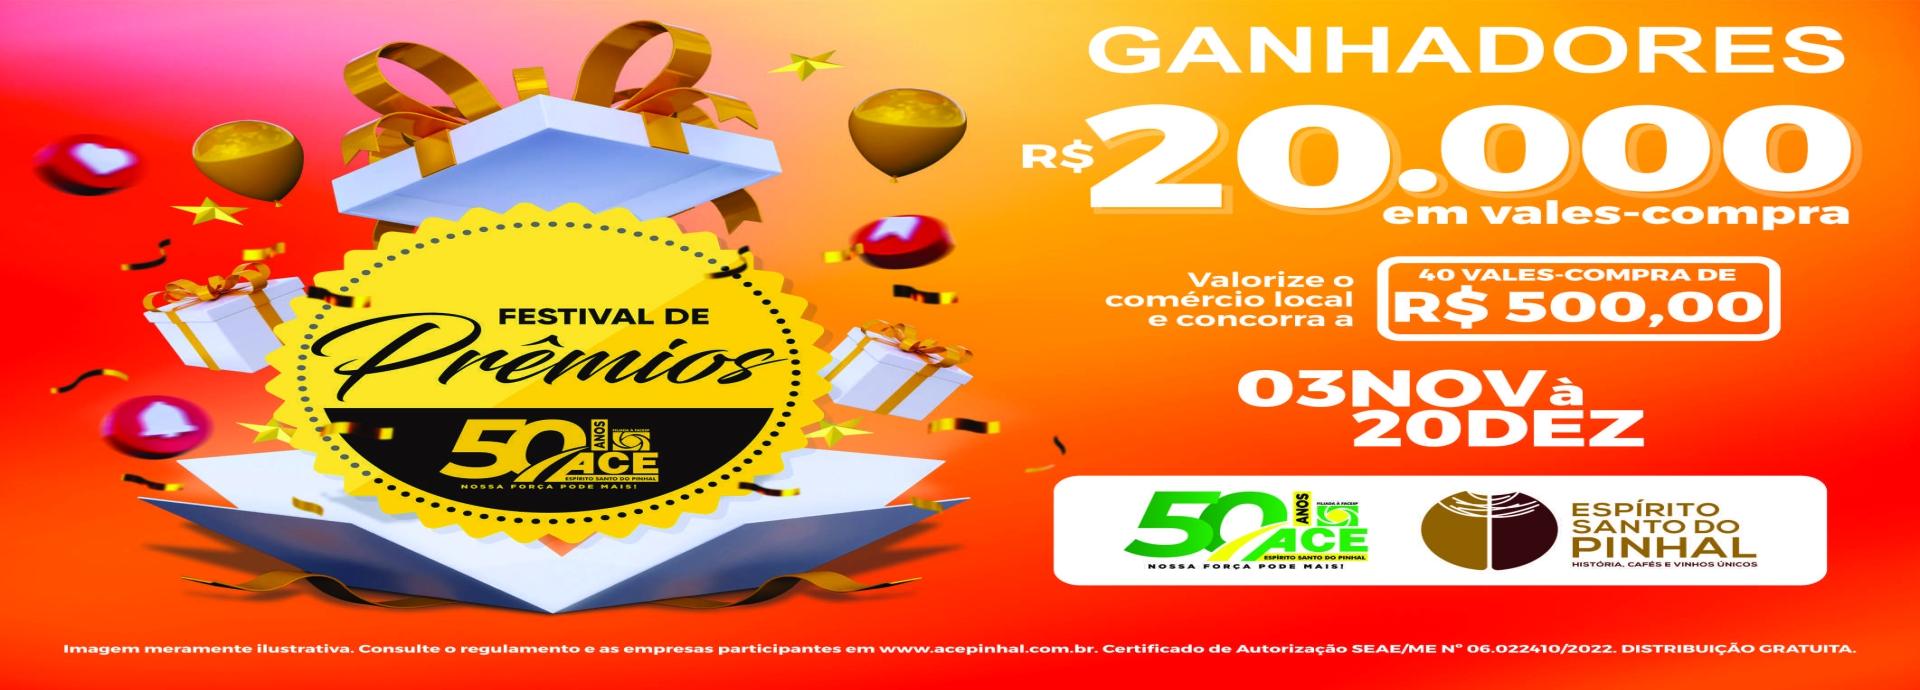 FESTIVAL DE PRÊMIOS 2020